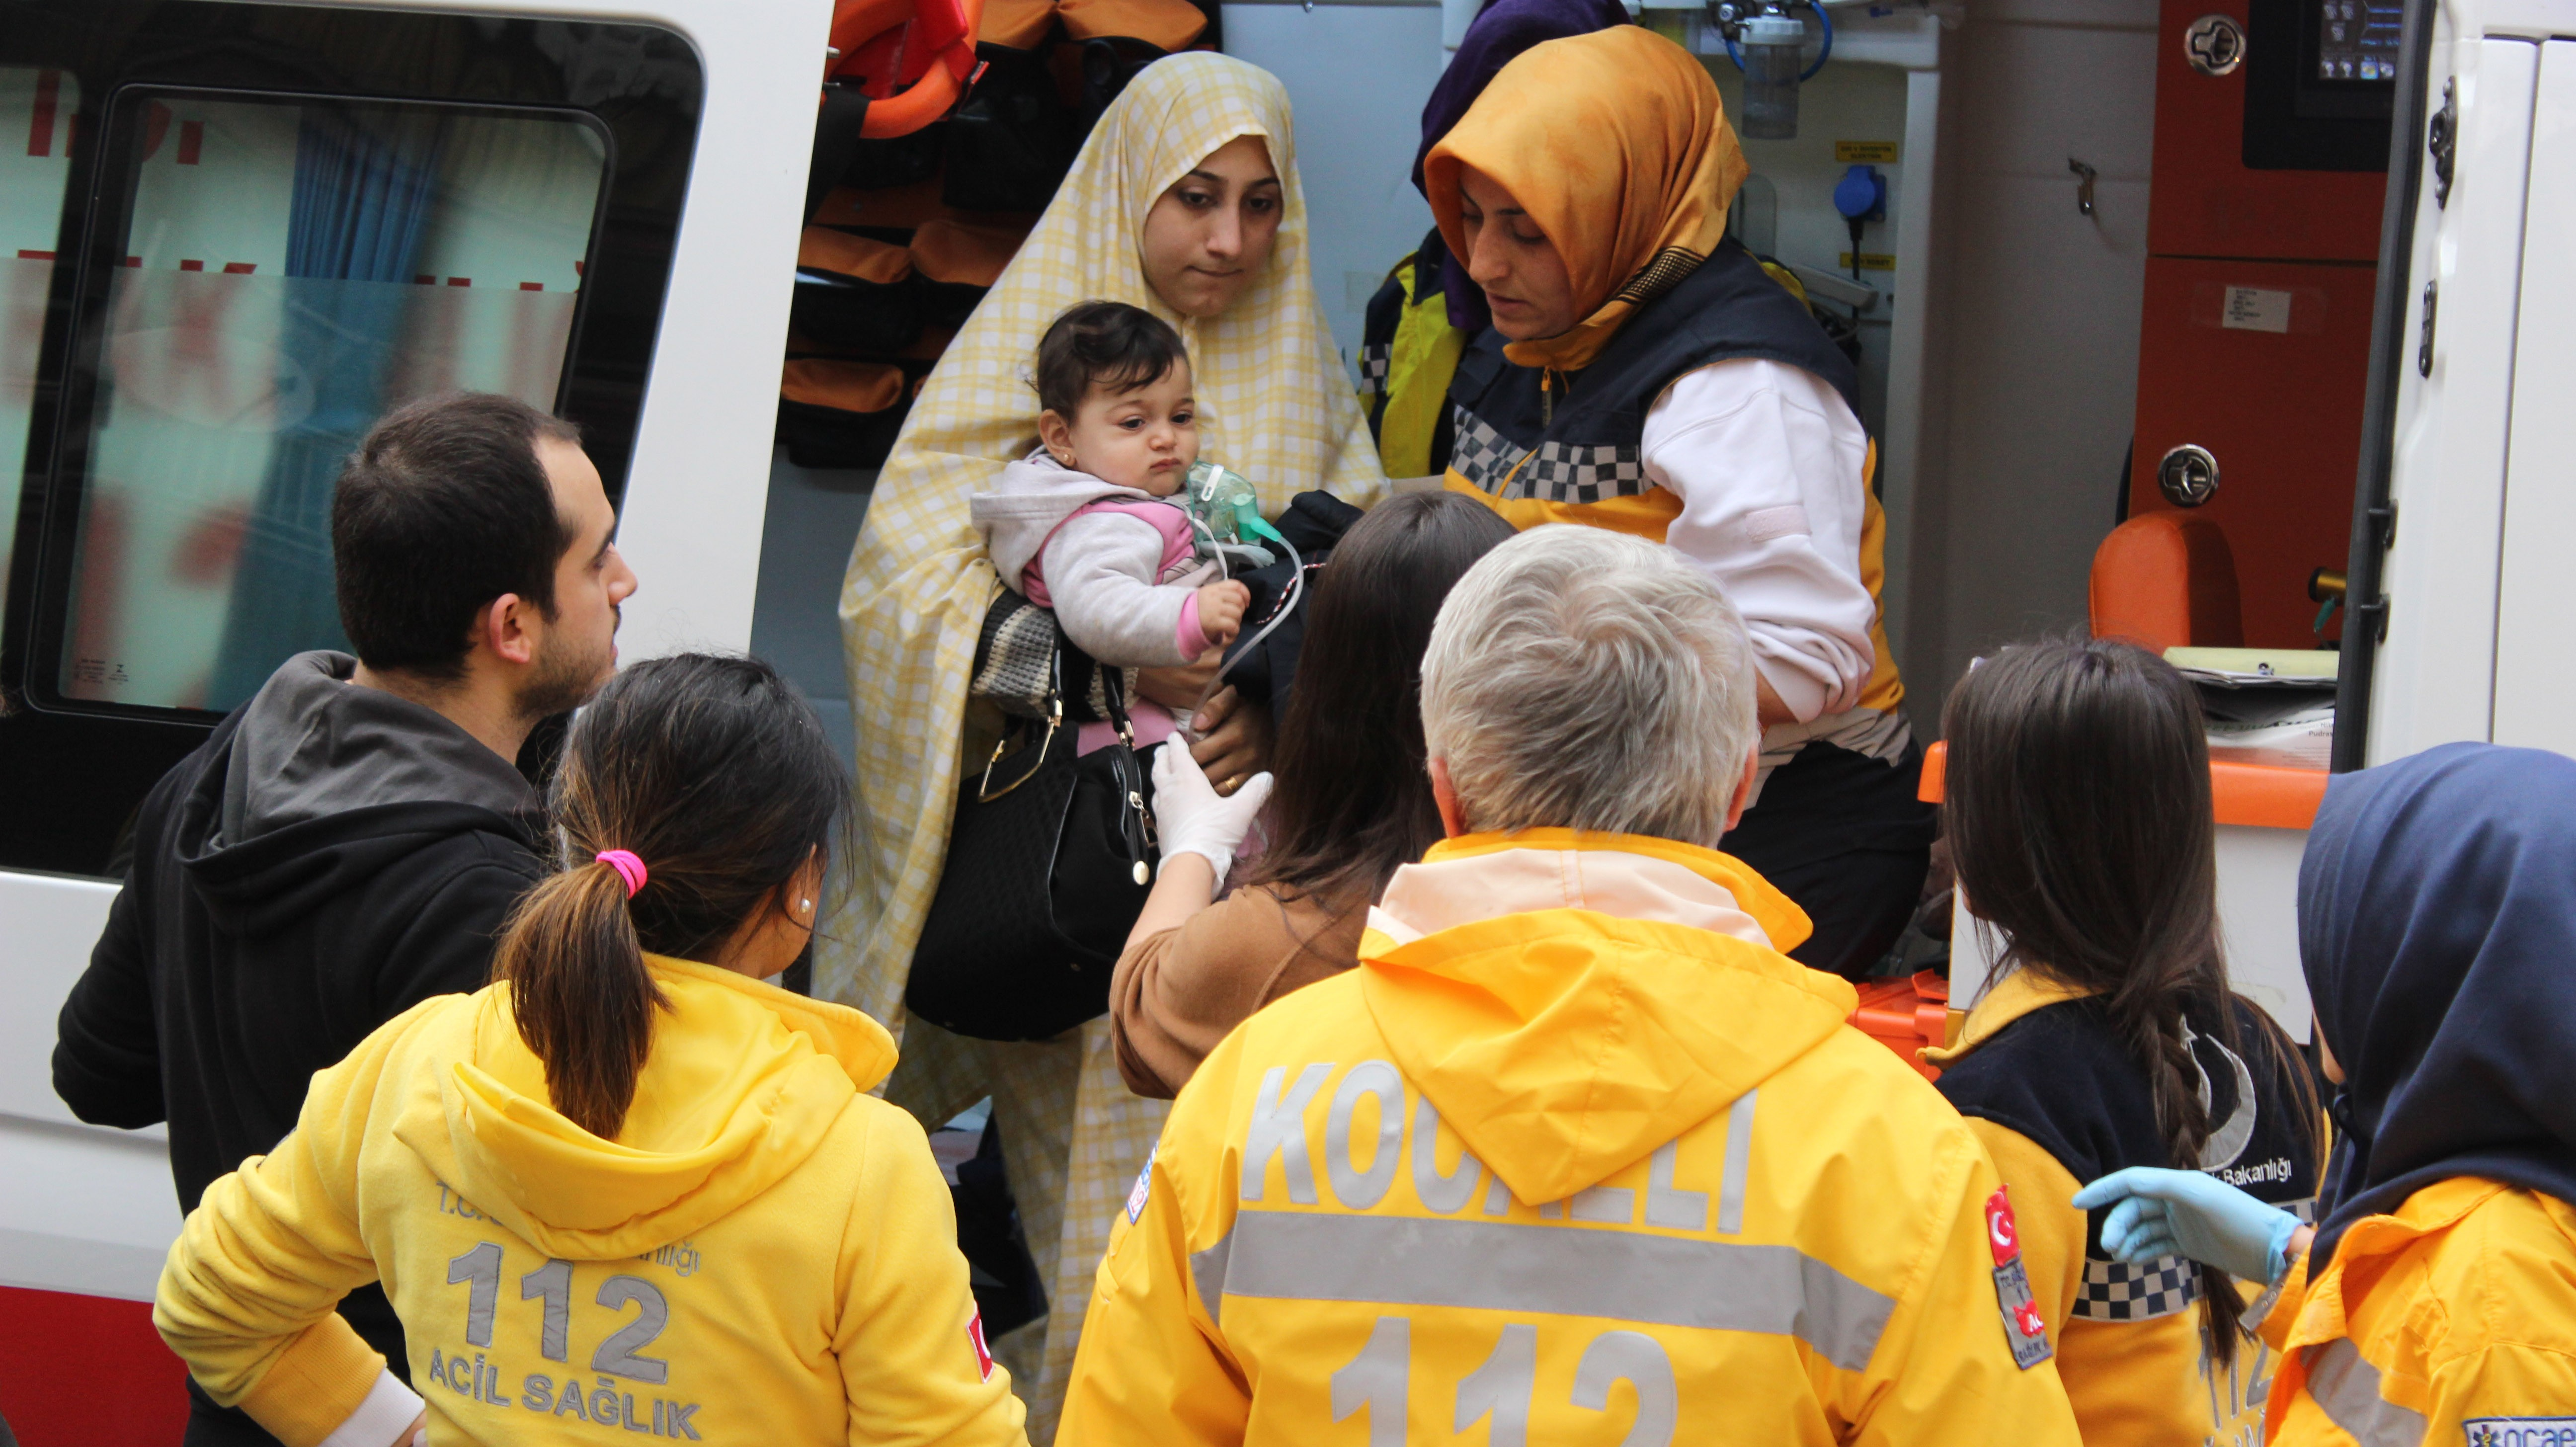 Alevlerin arasında kalan vatandaşların yardımına itfaiye yetişti